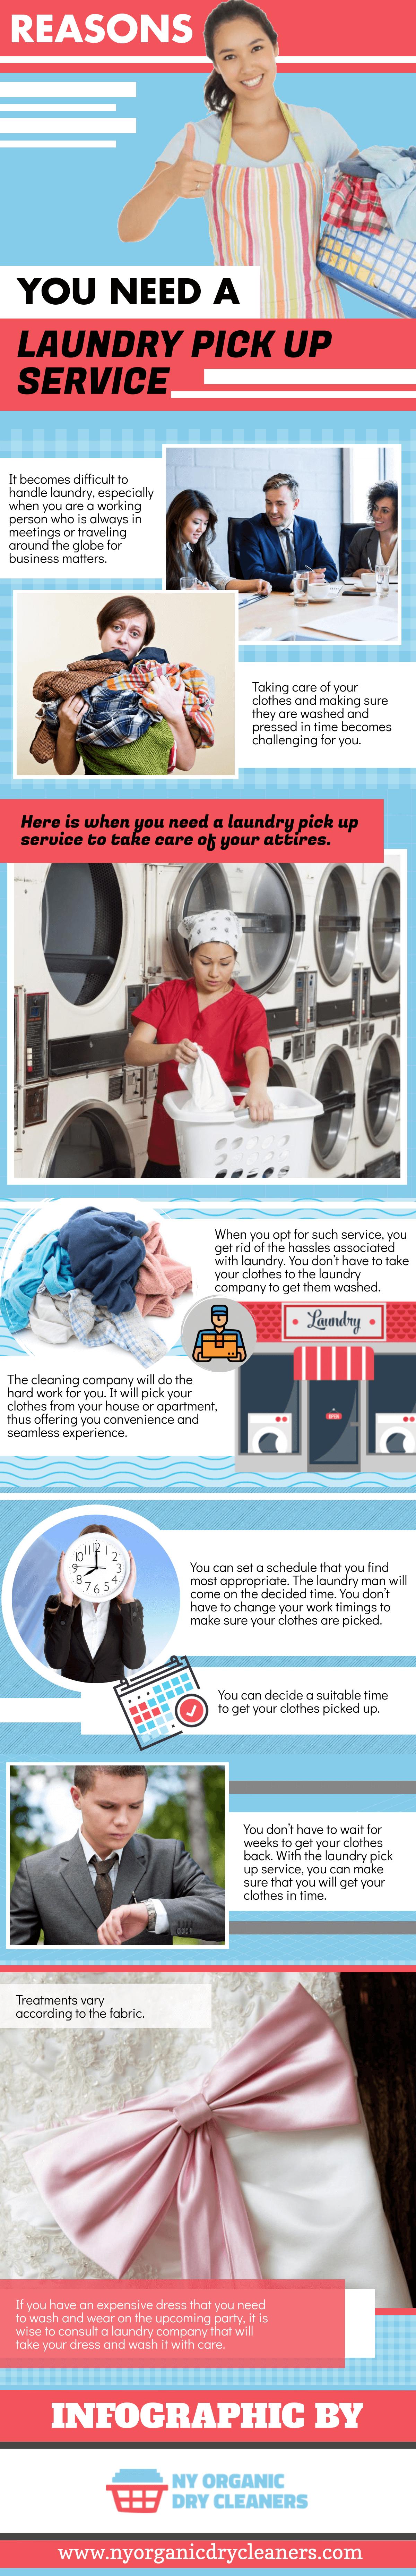 Laundry Pick up Service